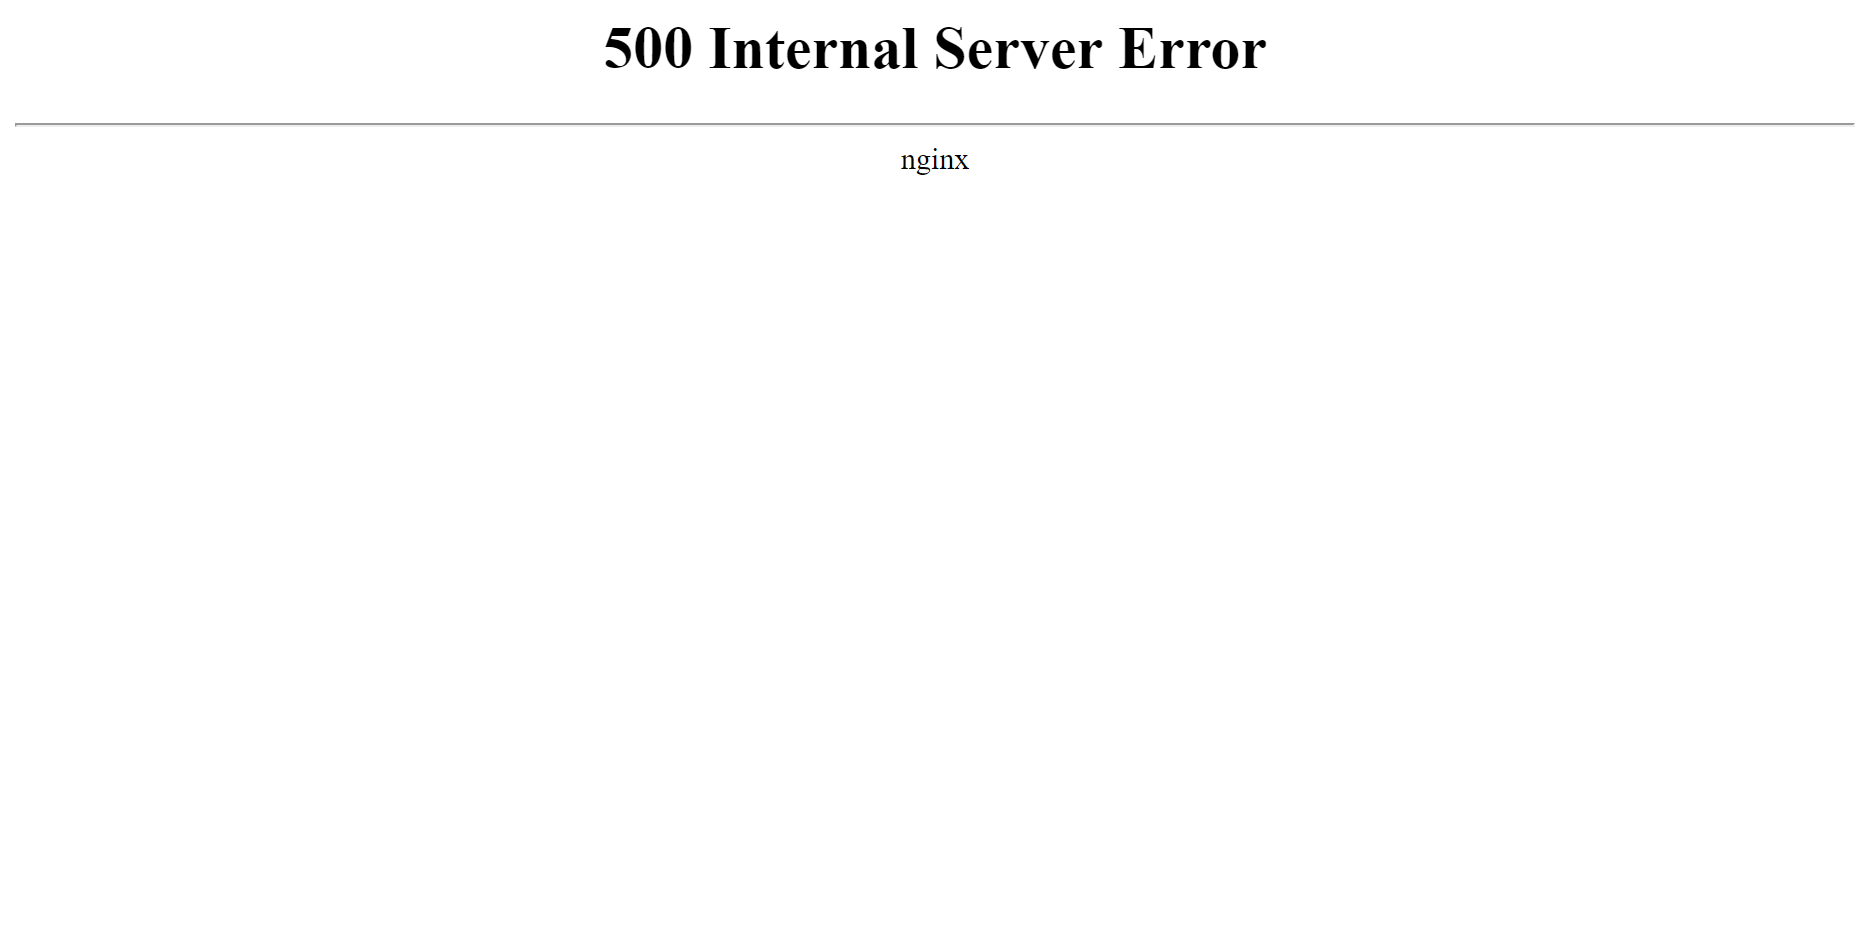 Ошибка 500 Internal Server Error на сервере с Nginx